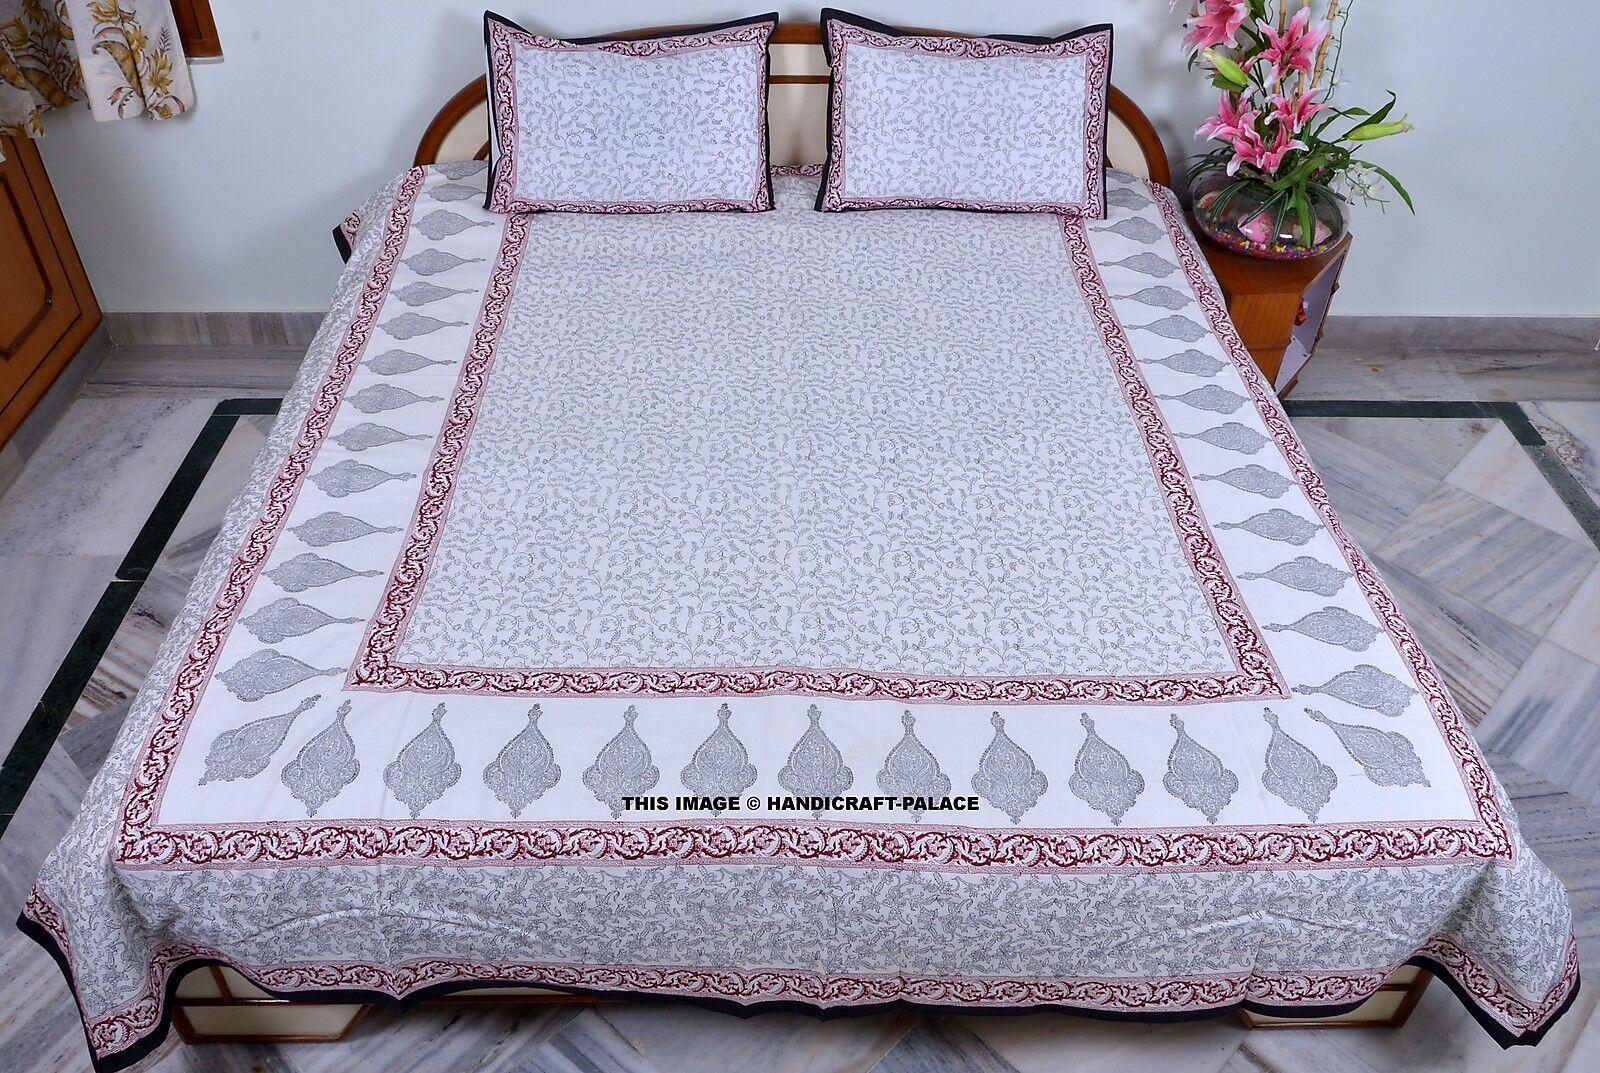 Ethnic Cotton Paisley Drucken Weiß Bett Startseite Bettspread Königin Größe Bett sheet Set